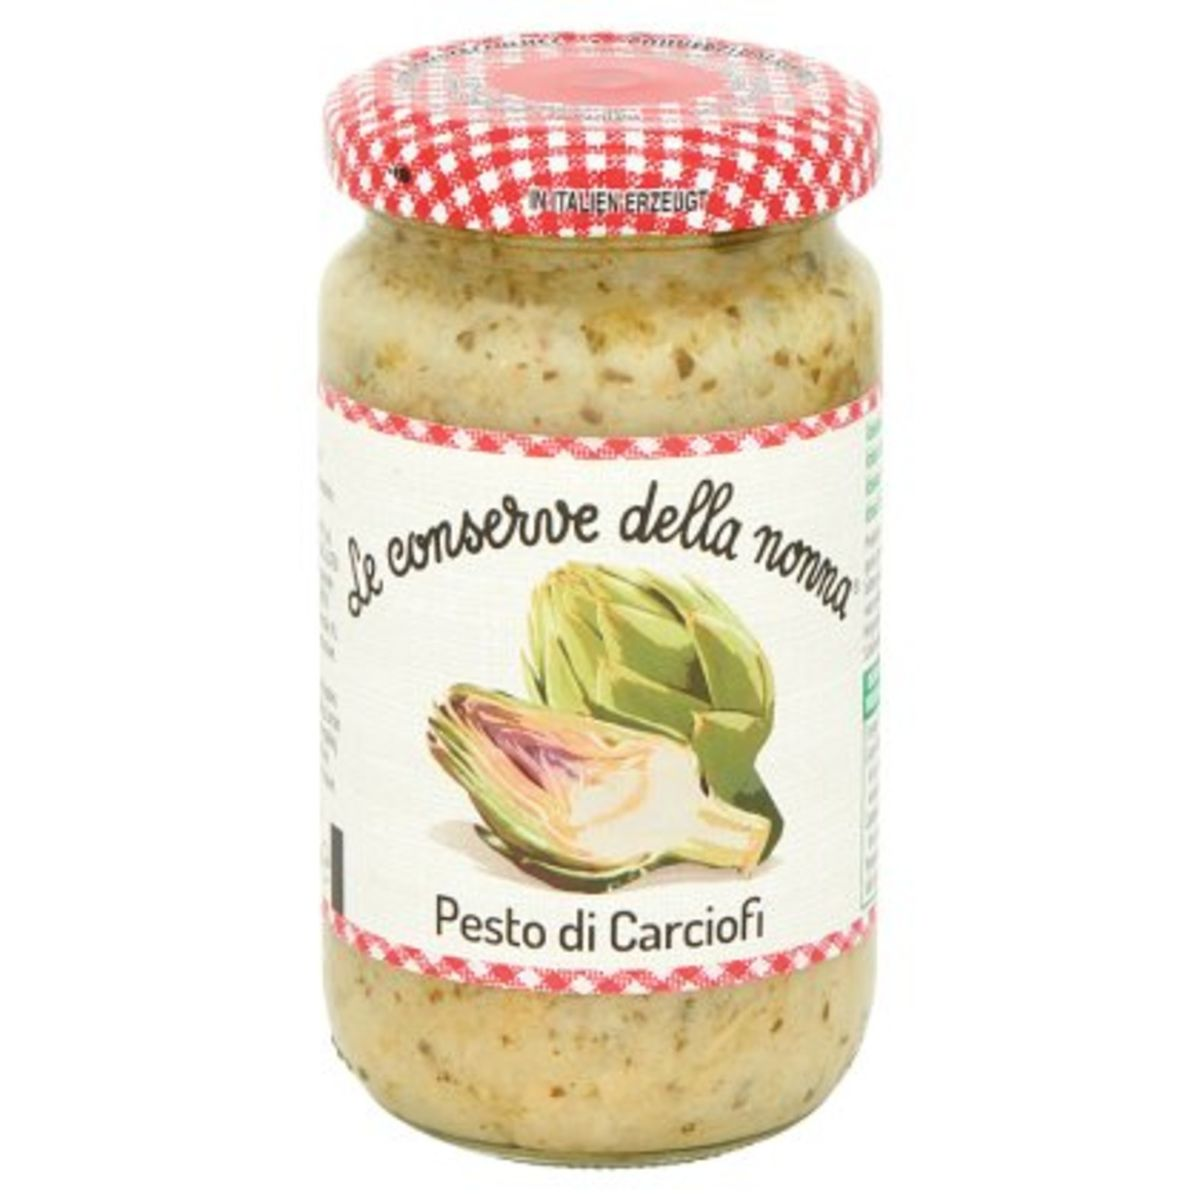 Le Conserve della Nonna Pasto di Carciofi 190 g